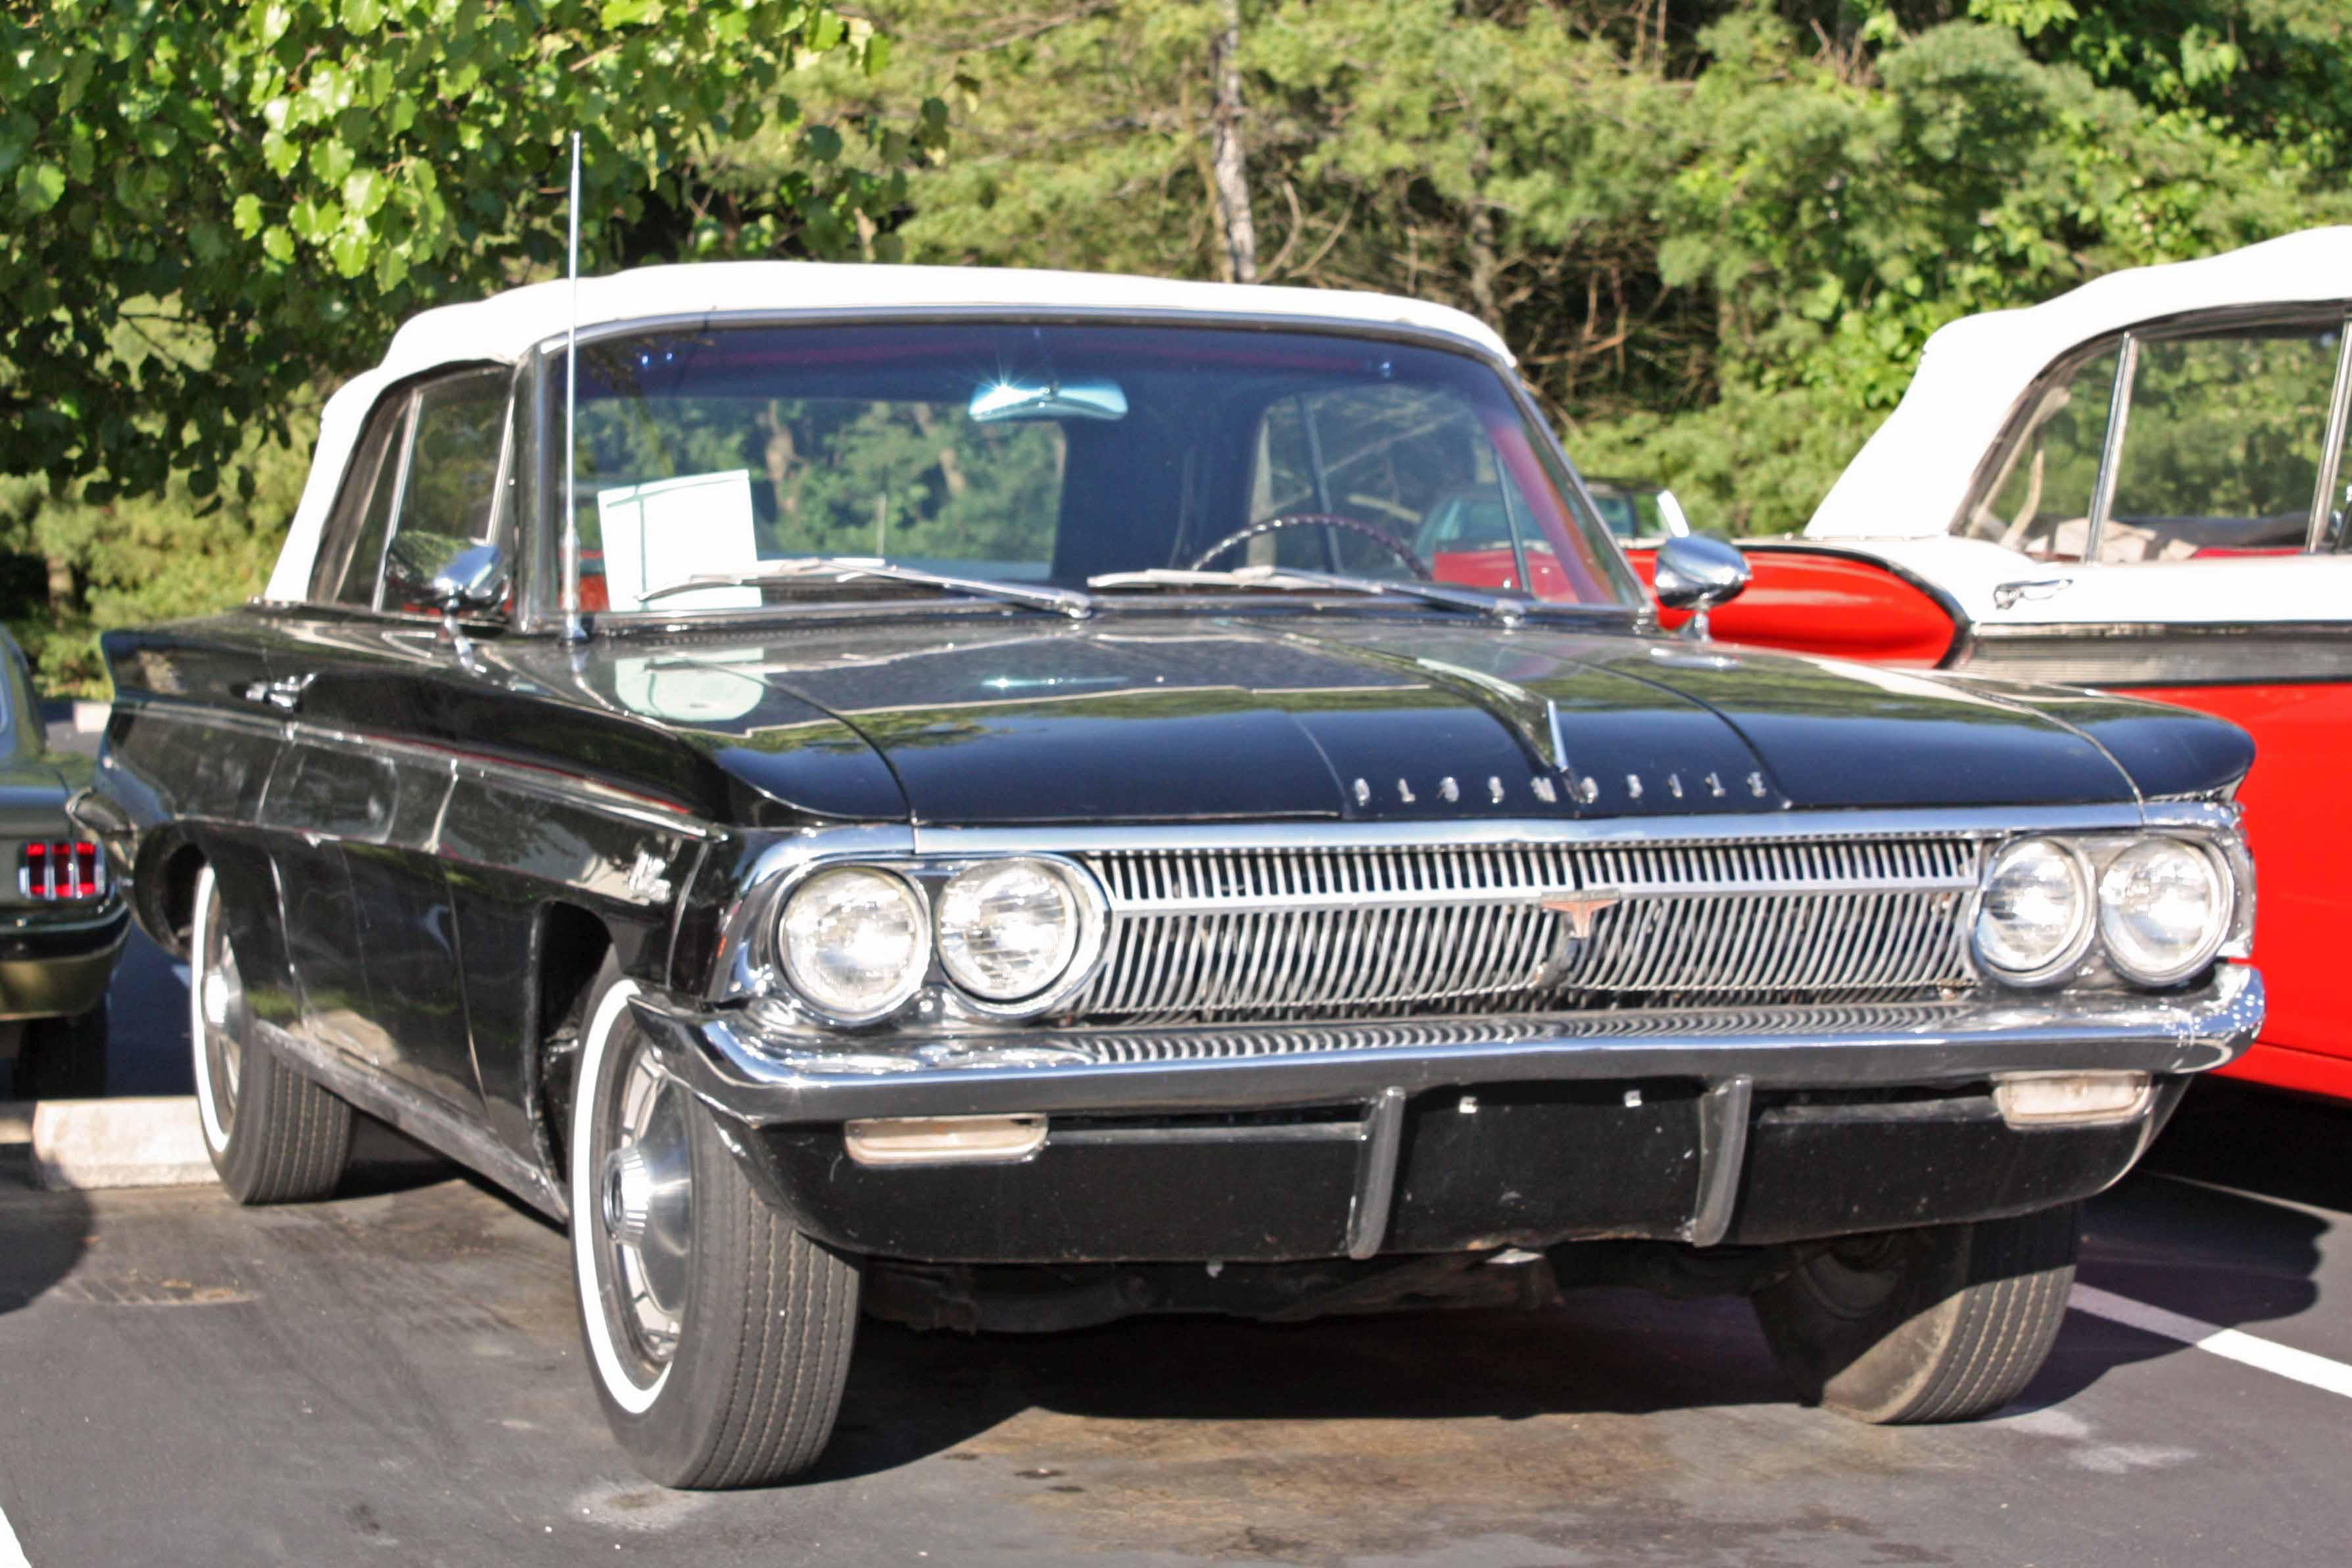 Oldsmobile cutlass supreme 2 door convertible side profile 81965 -  Side Profile 81965 Oldsmobile Cutlass Supreme 2 Door Convertible Download